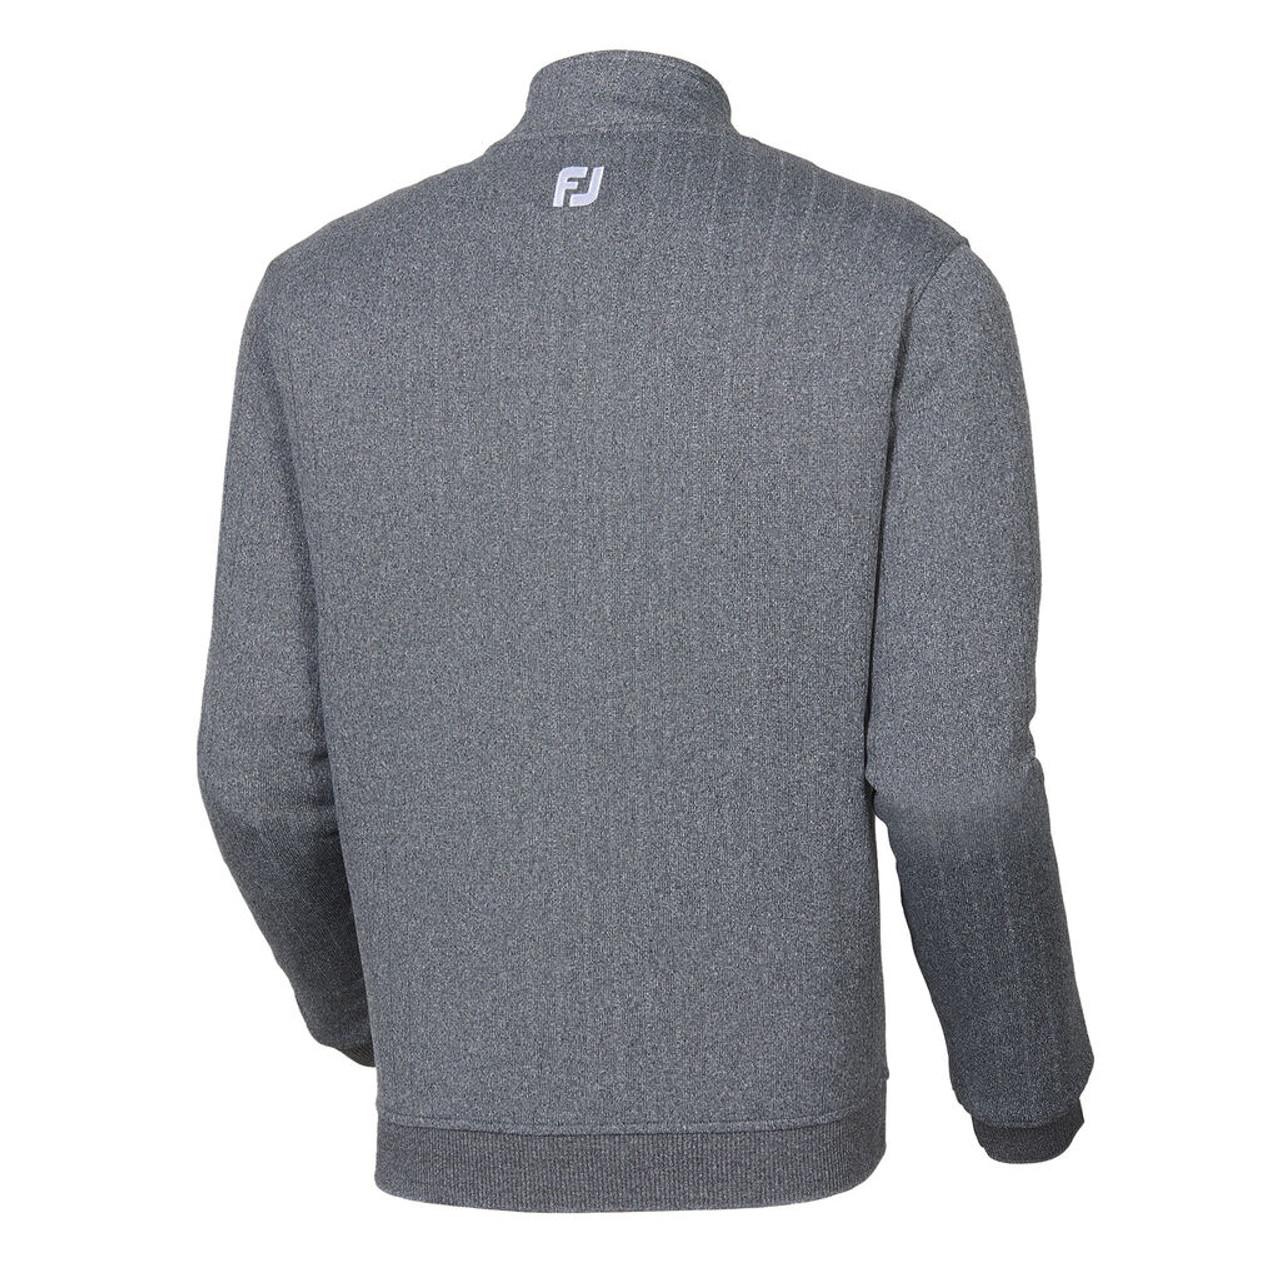 FootJoy Drop Needle Half-Zip Pullover - Heather Charcoal (25057)